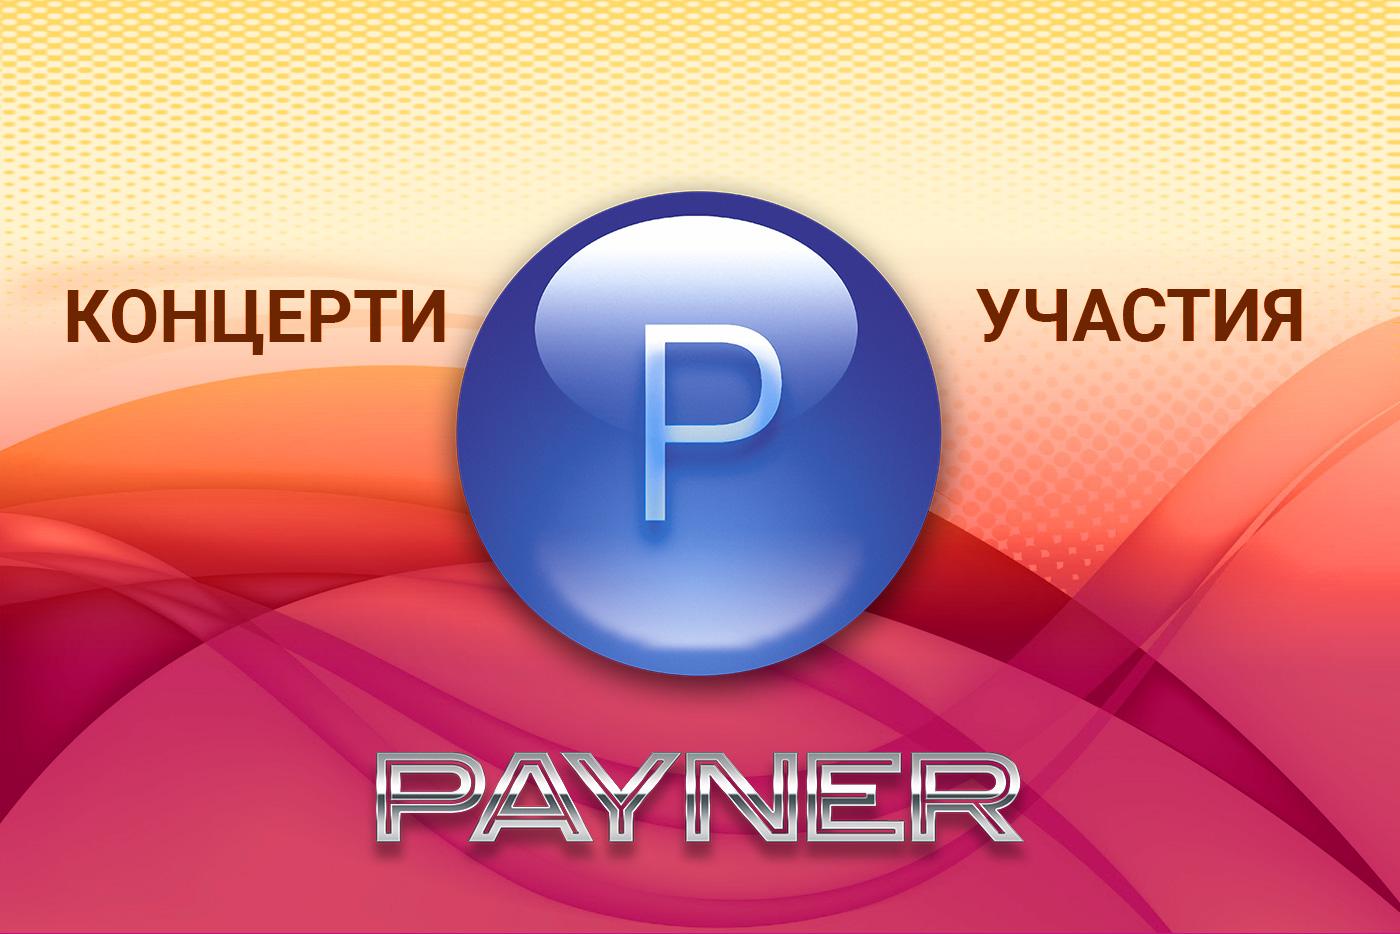 """Участия на звездите на """"Пайнер"""" на 12.10.2019"""